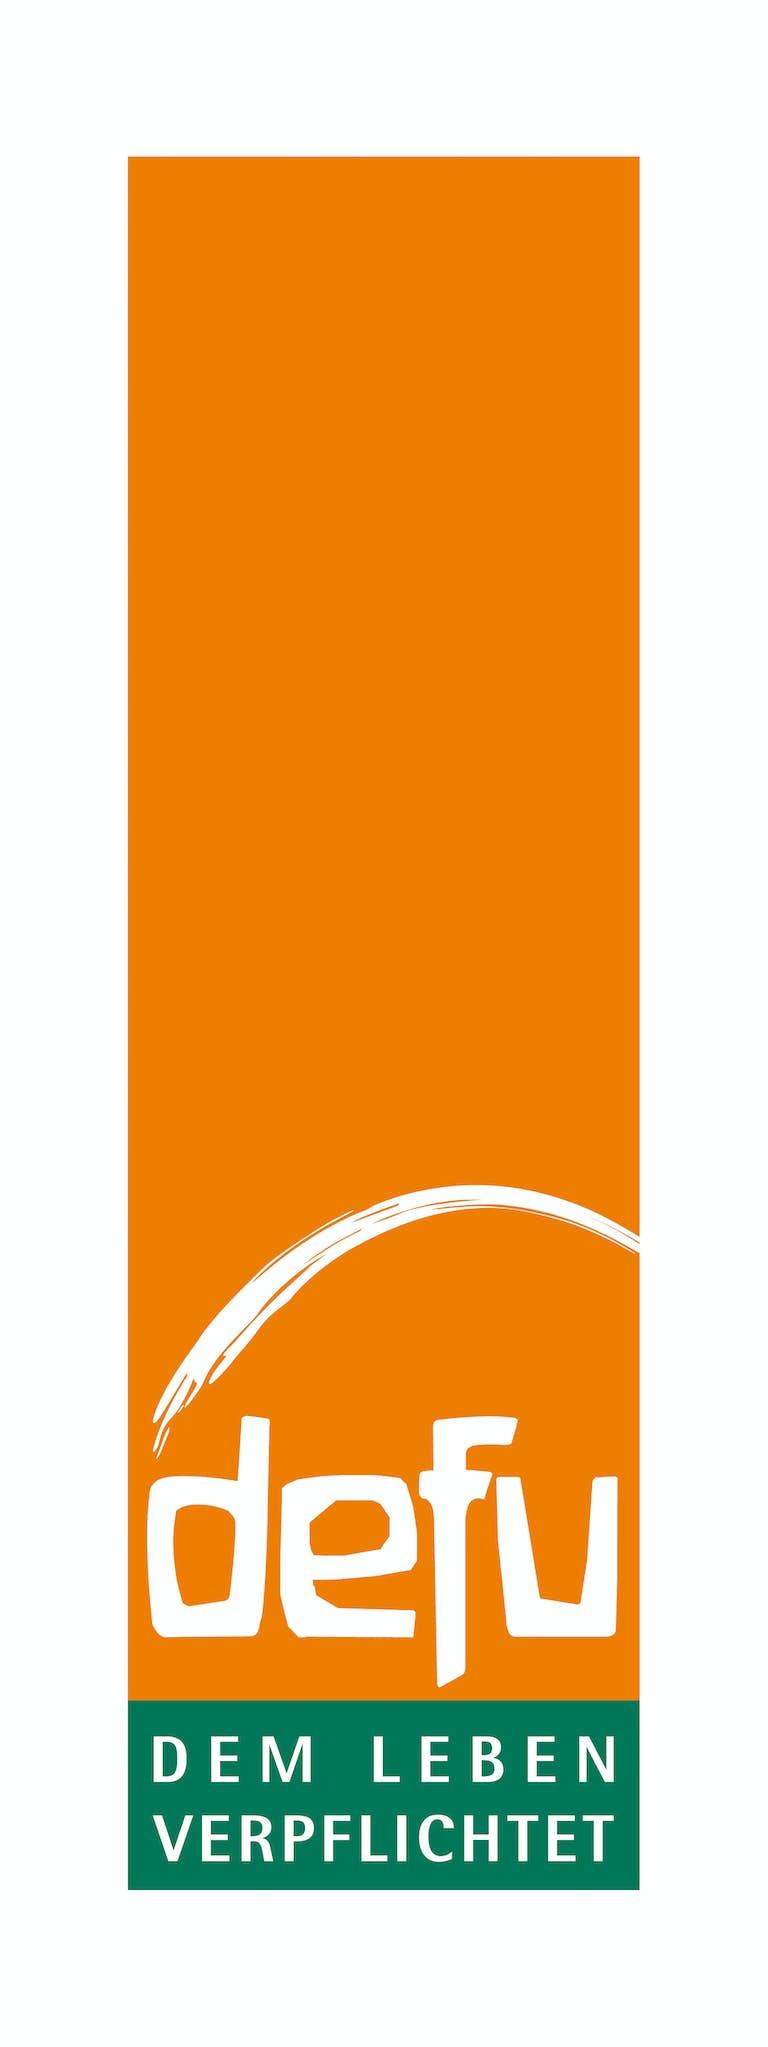 Defu-Logo